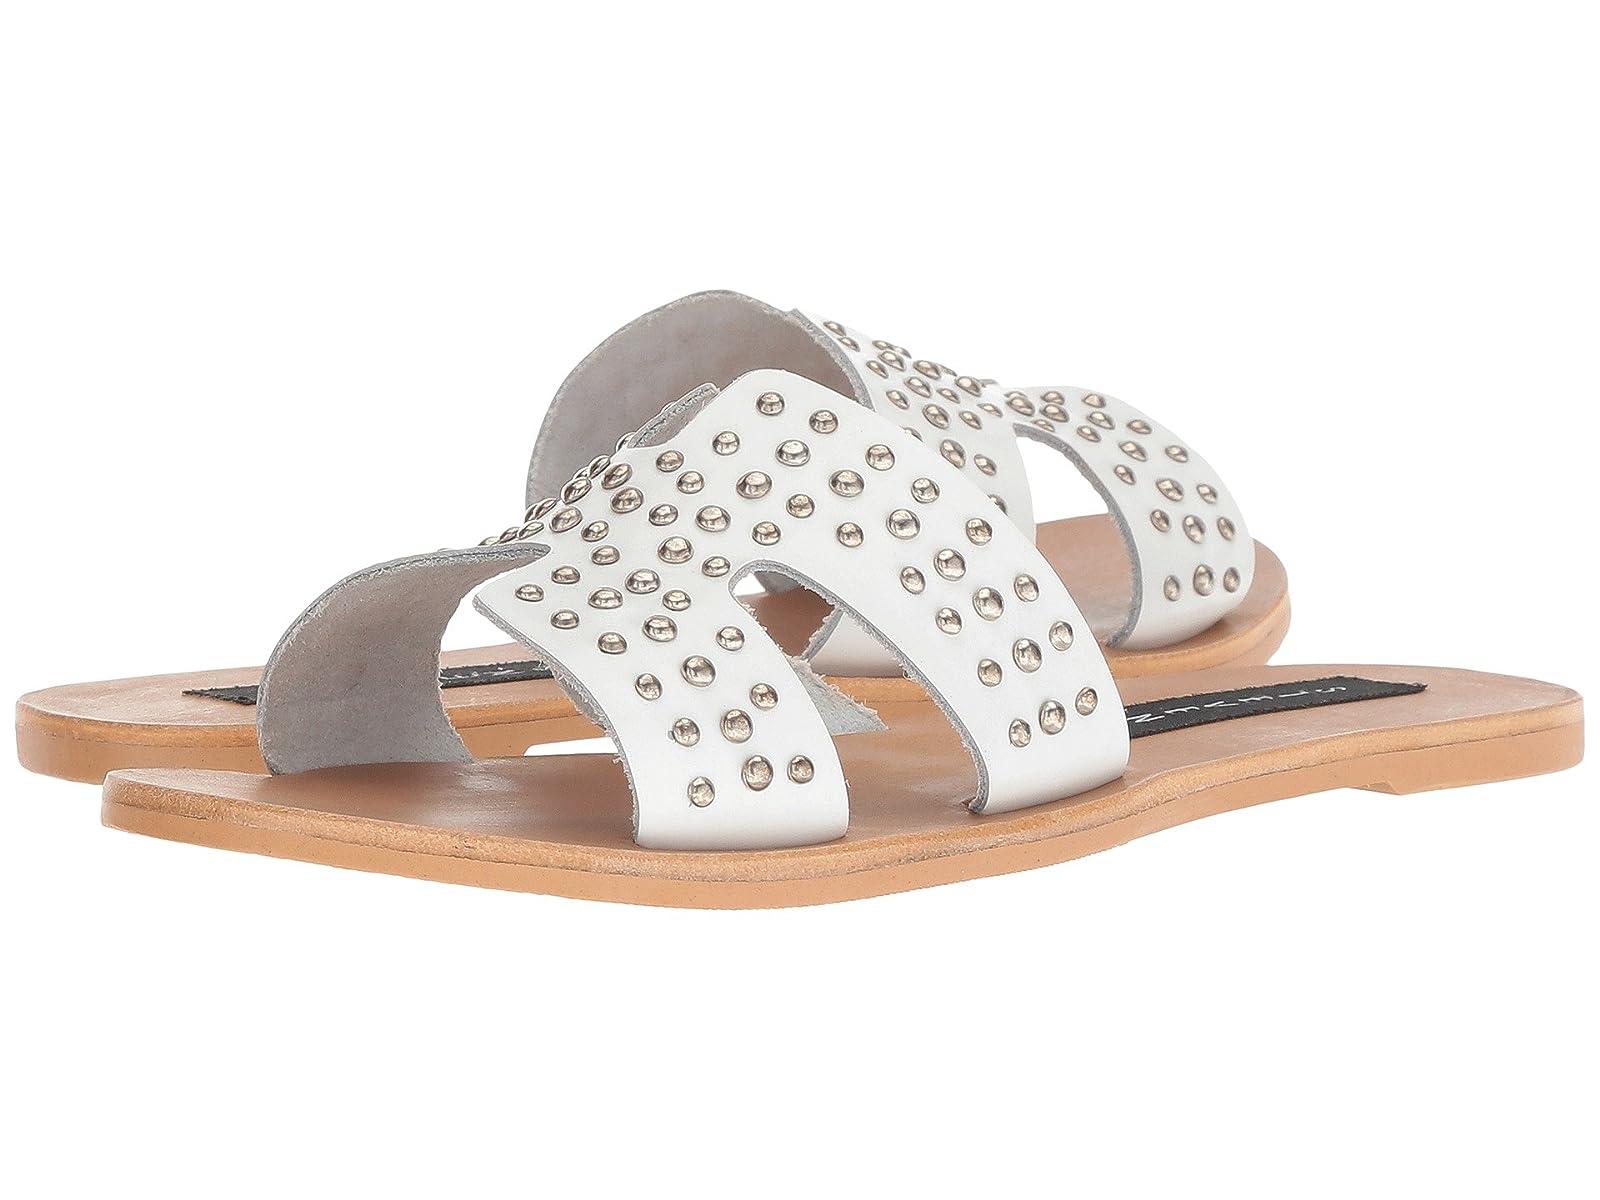 Steven Greece-SAtmospheric grades have affordable shoes